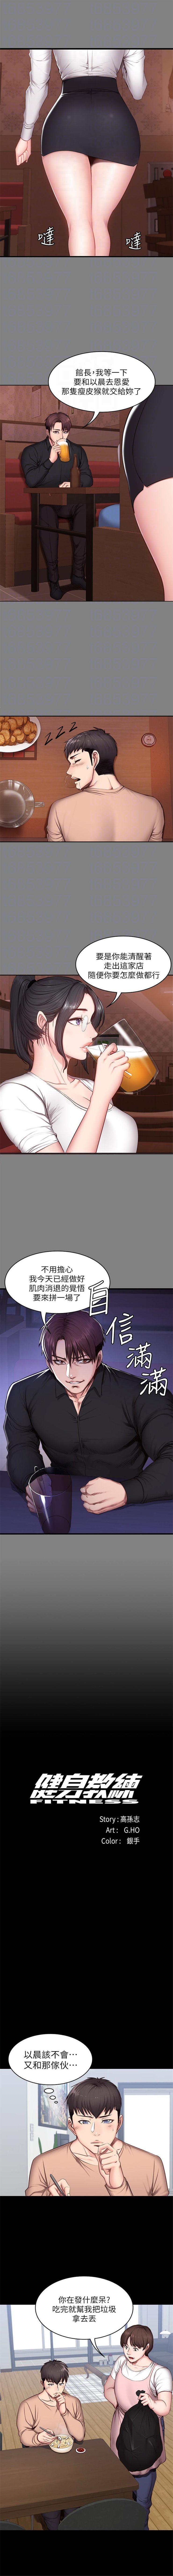 (週3)健身教練 1-37 中文翻譯 (更新中) 85